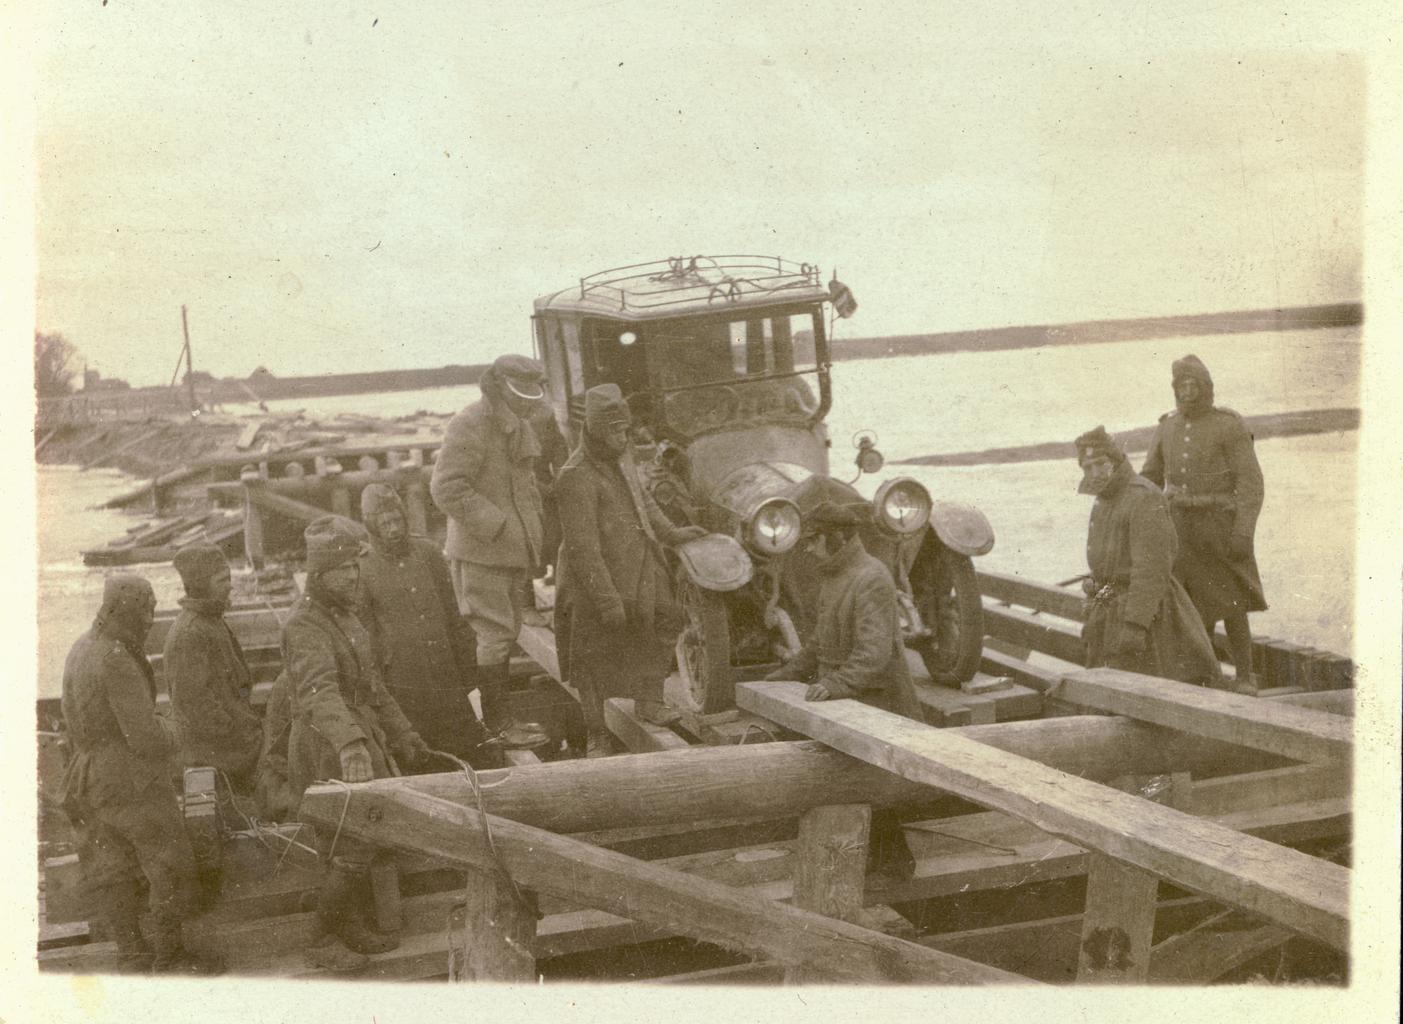 Мужчины, занятые погрузкой на мост автомобиля Объединенного распределительного комитета в ходе полевого выезда в Польше